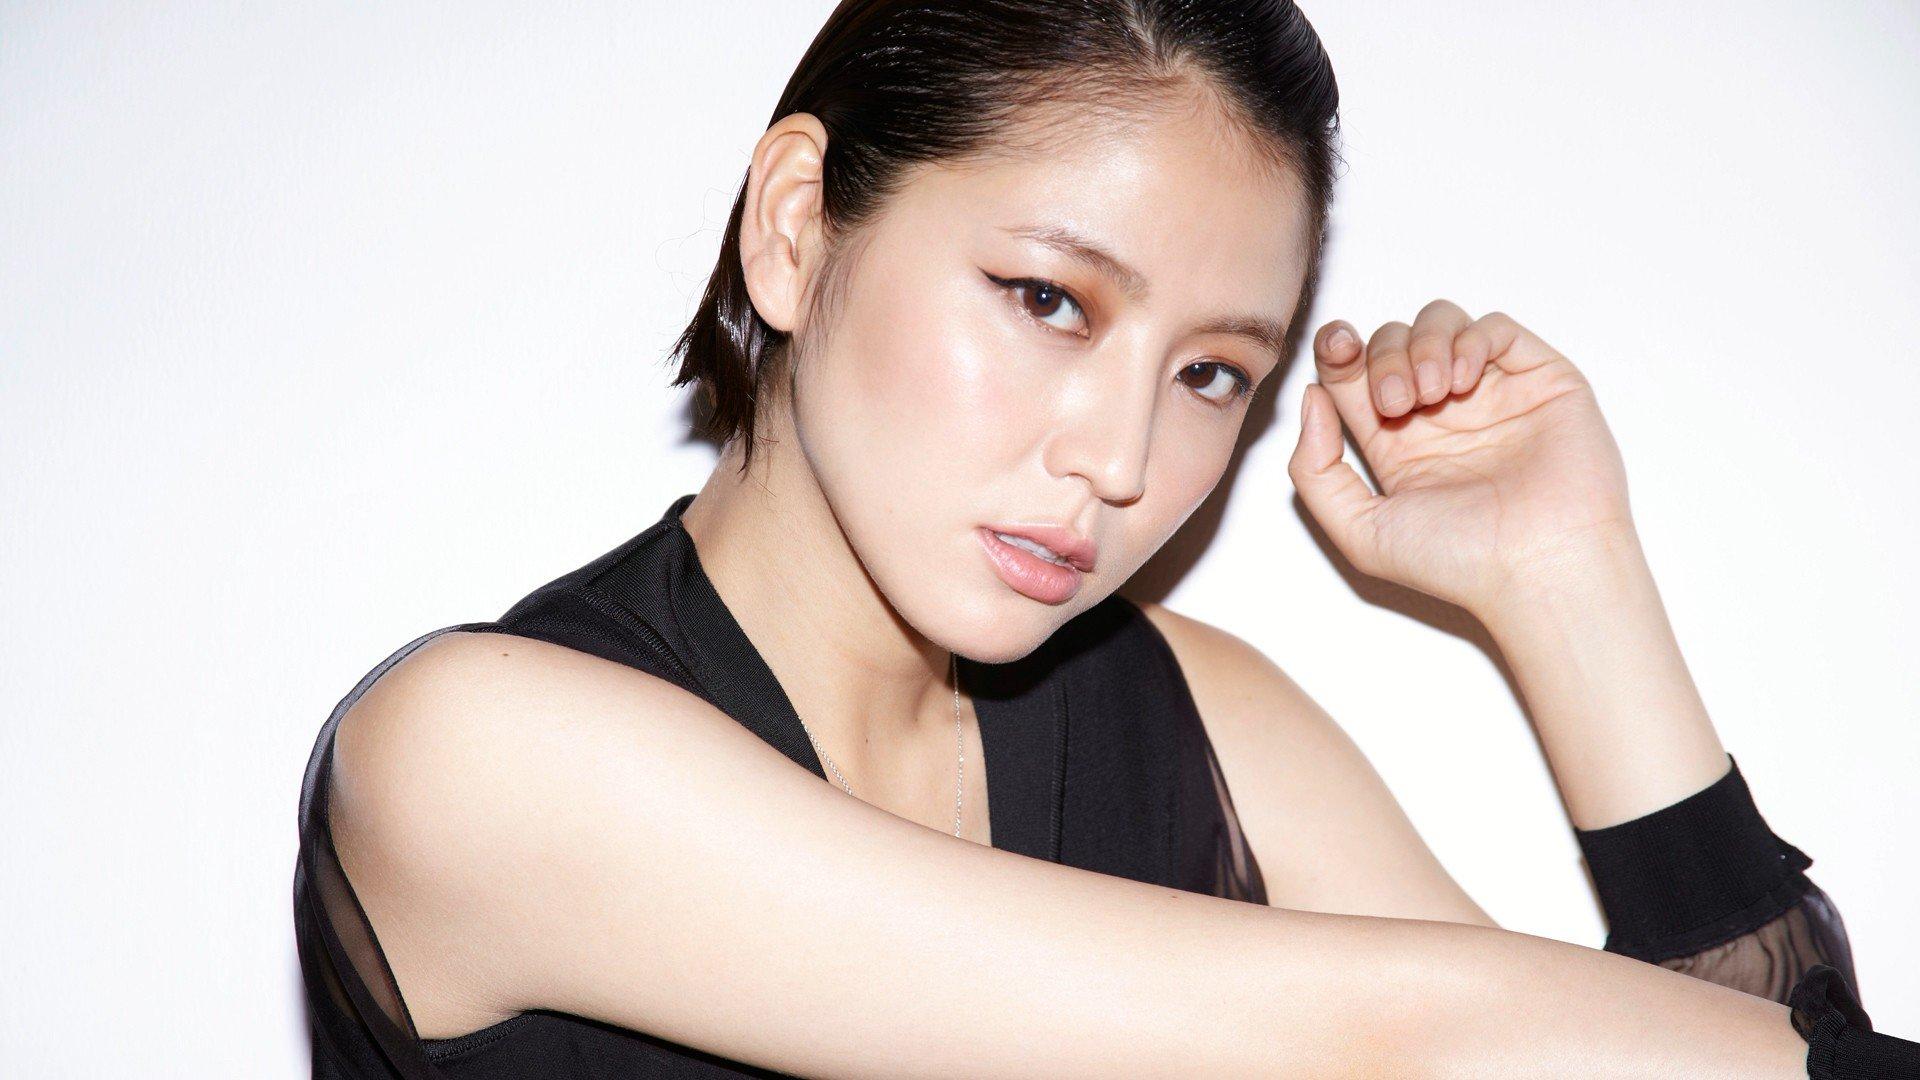 Masami Nagasawa, Asian, Women, White background, Short hair Wallpaper